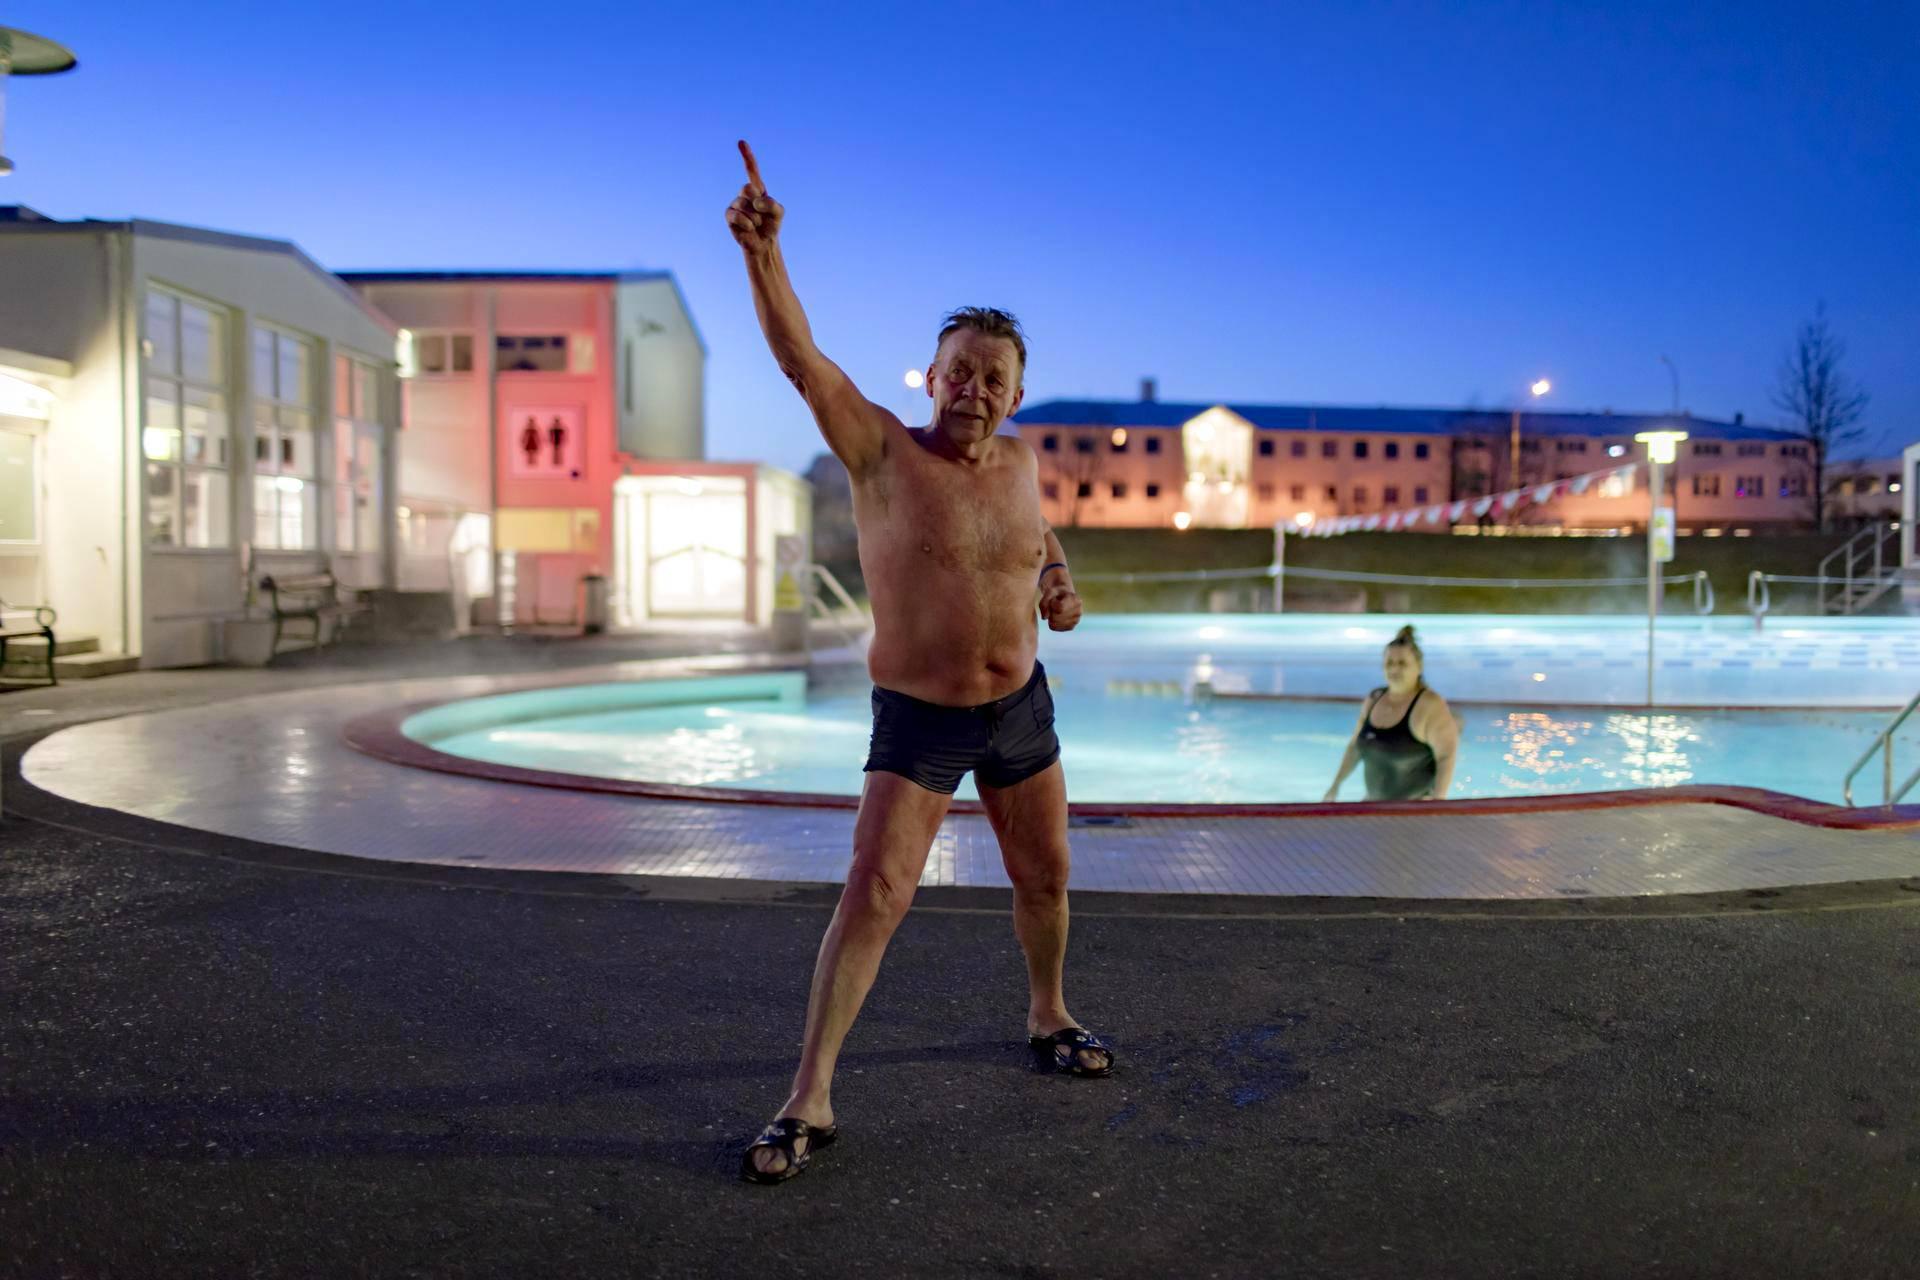 Reykjavíkin Vesturbæjarlaugin uimalassa käy joka aamu porukka, joka kutsuu itseään Thorin ystäviksi. Aamujumpan vetää Halldór Bergmann.